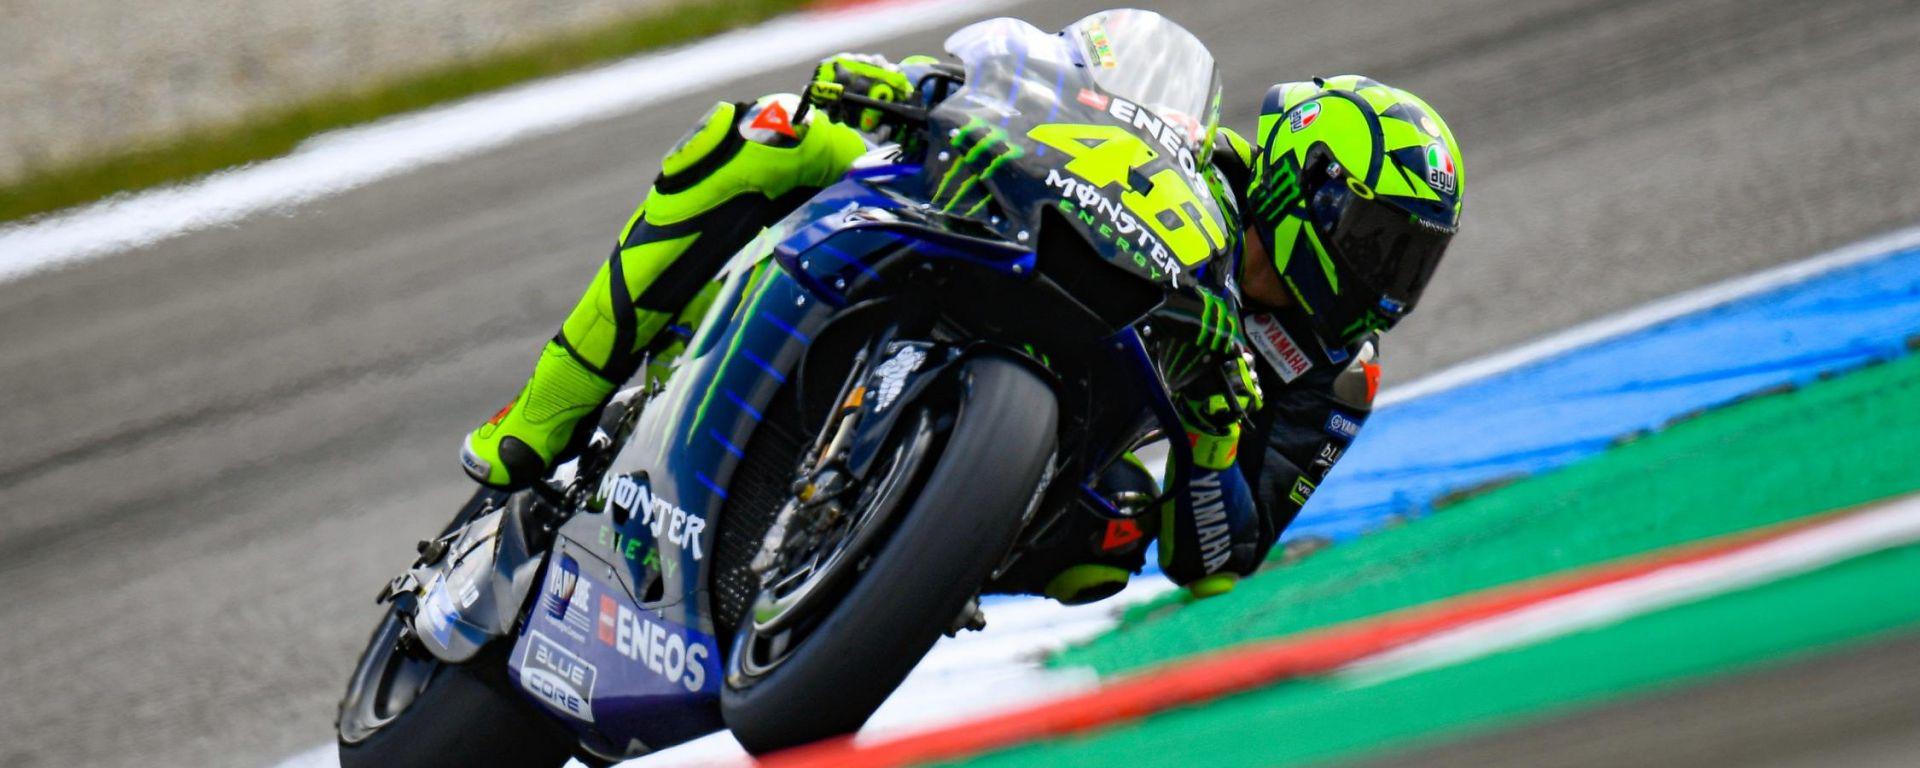 MotoGP Olanda 2019, Valentino Rossi (Yamaha)